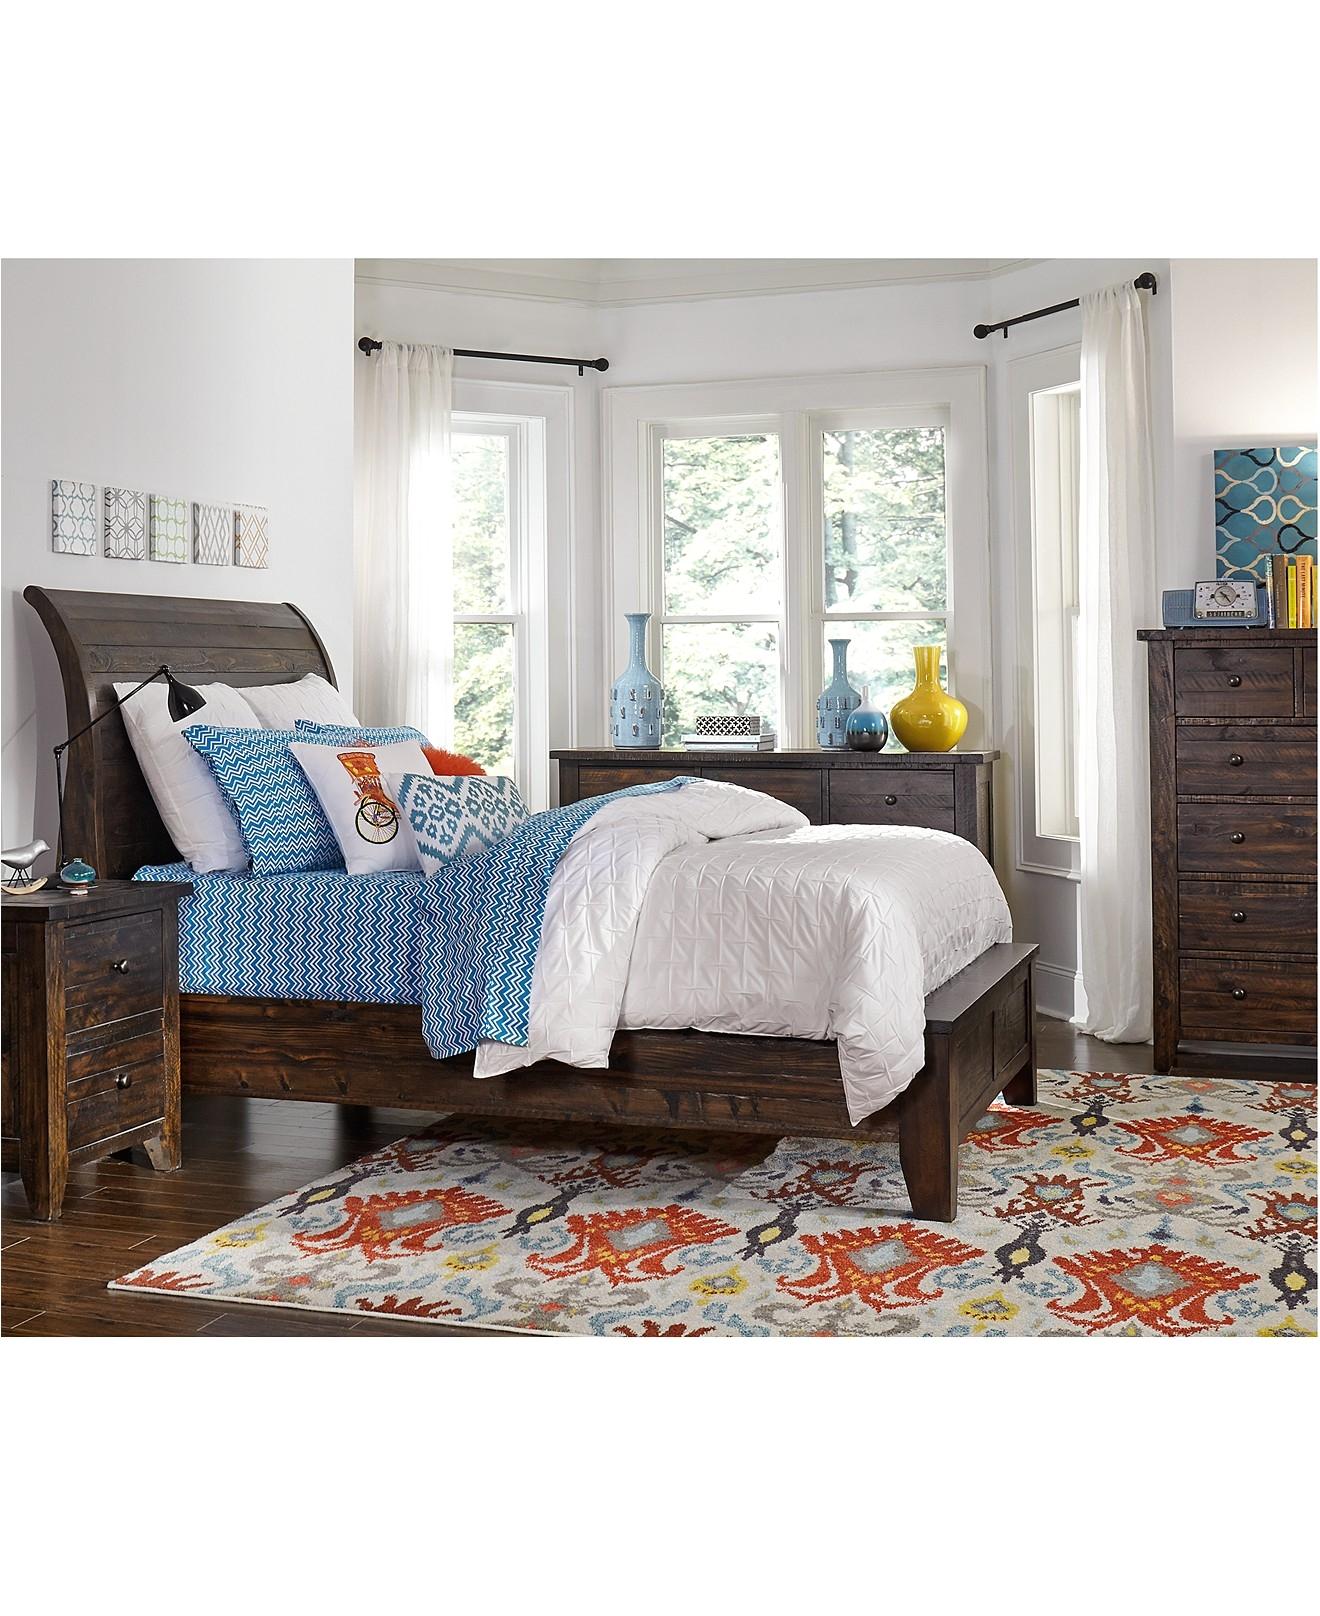 macy s bedroom furniture fancy macys queen bedroom sets on home design ideas with macys queen bedroom sets osopalas com